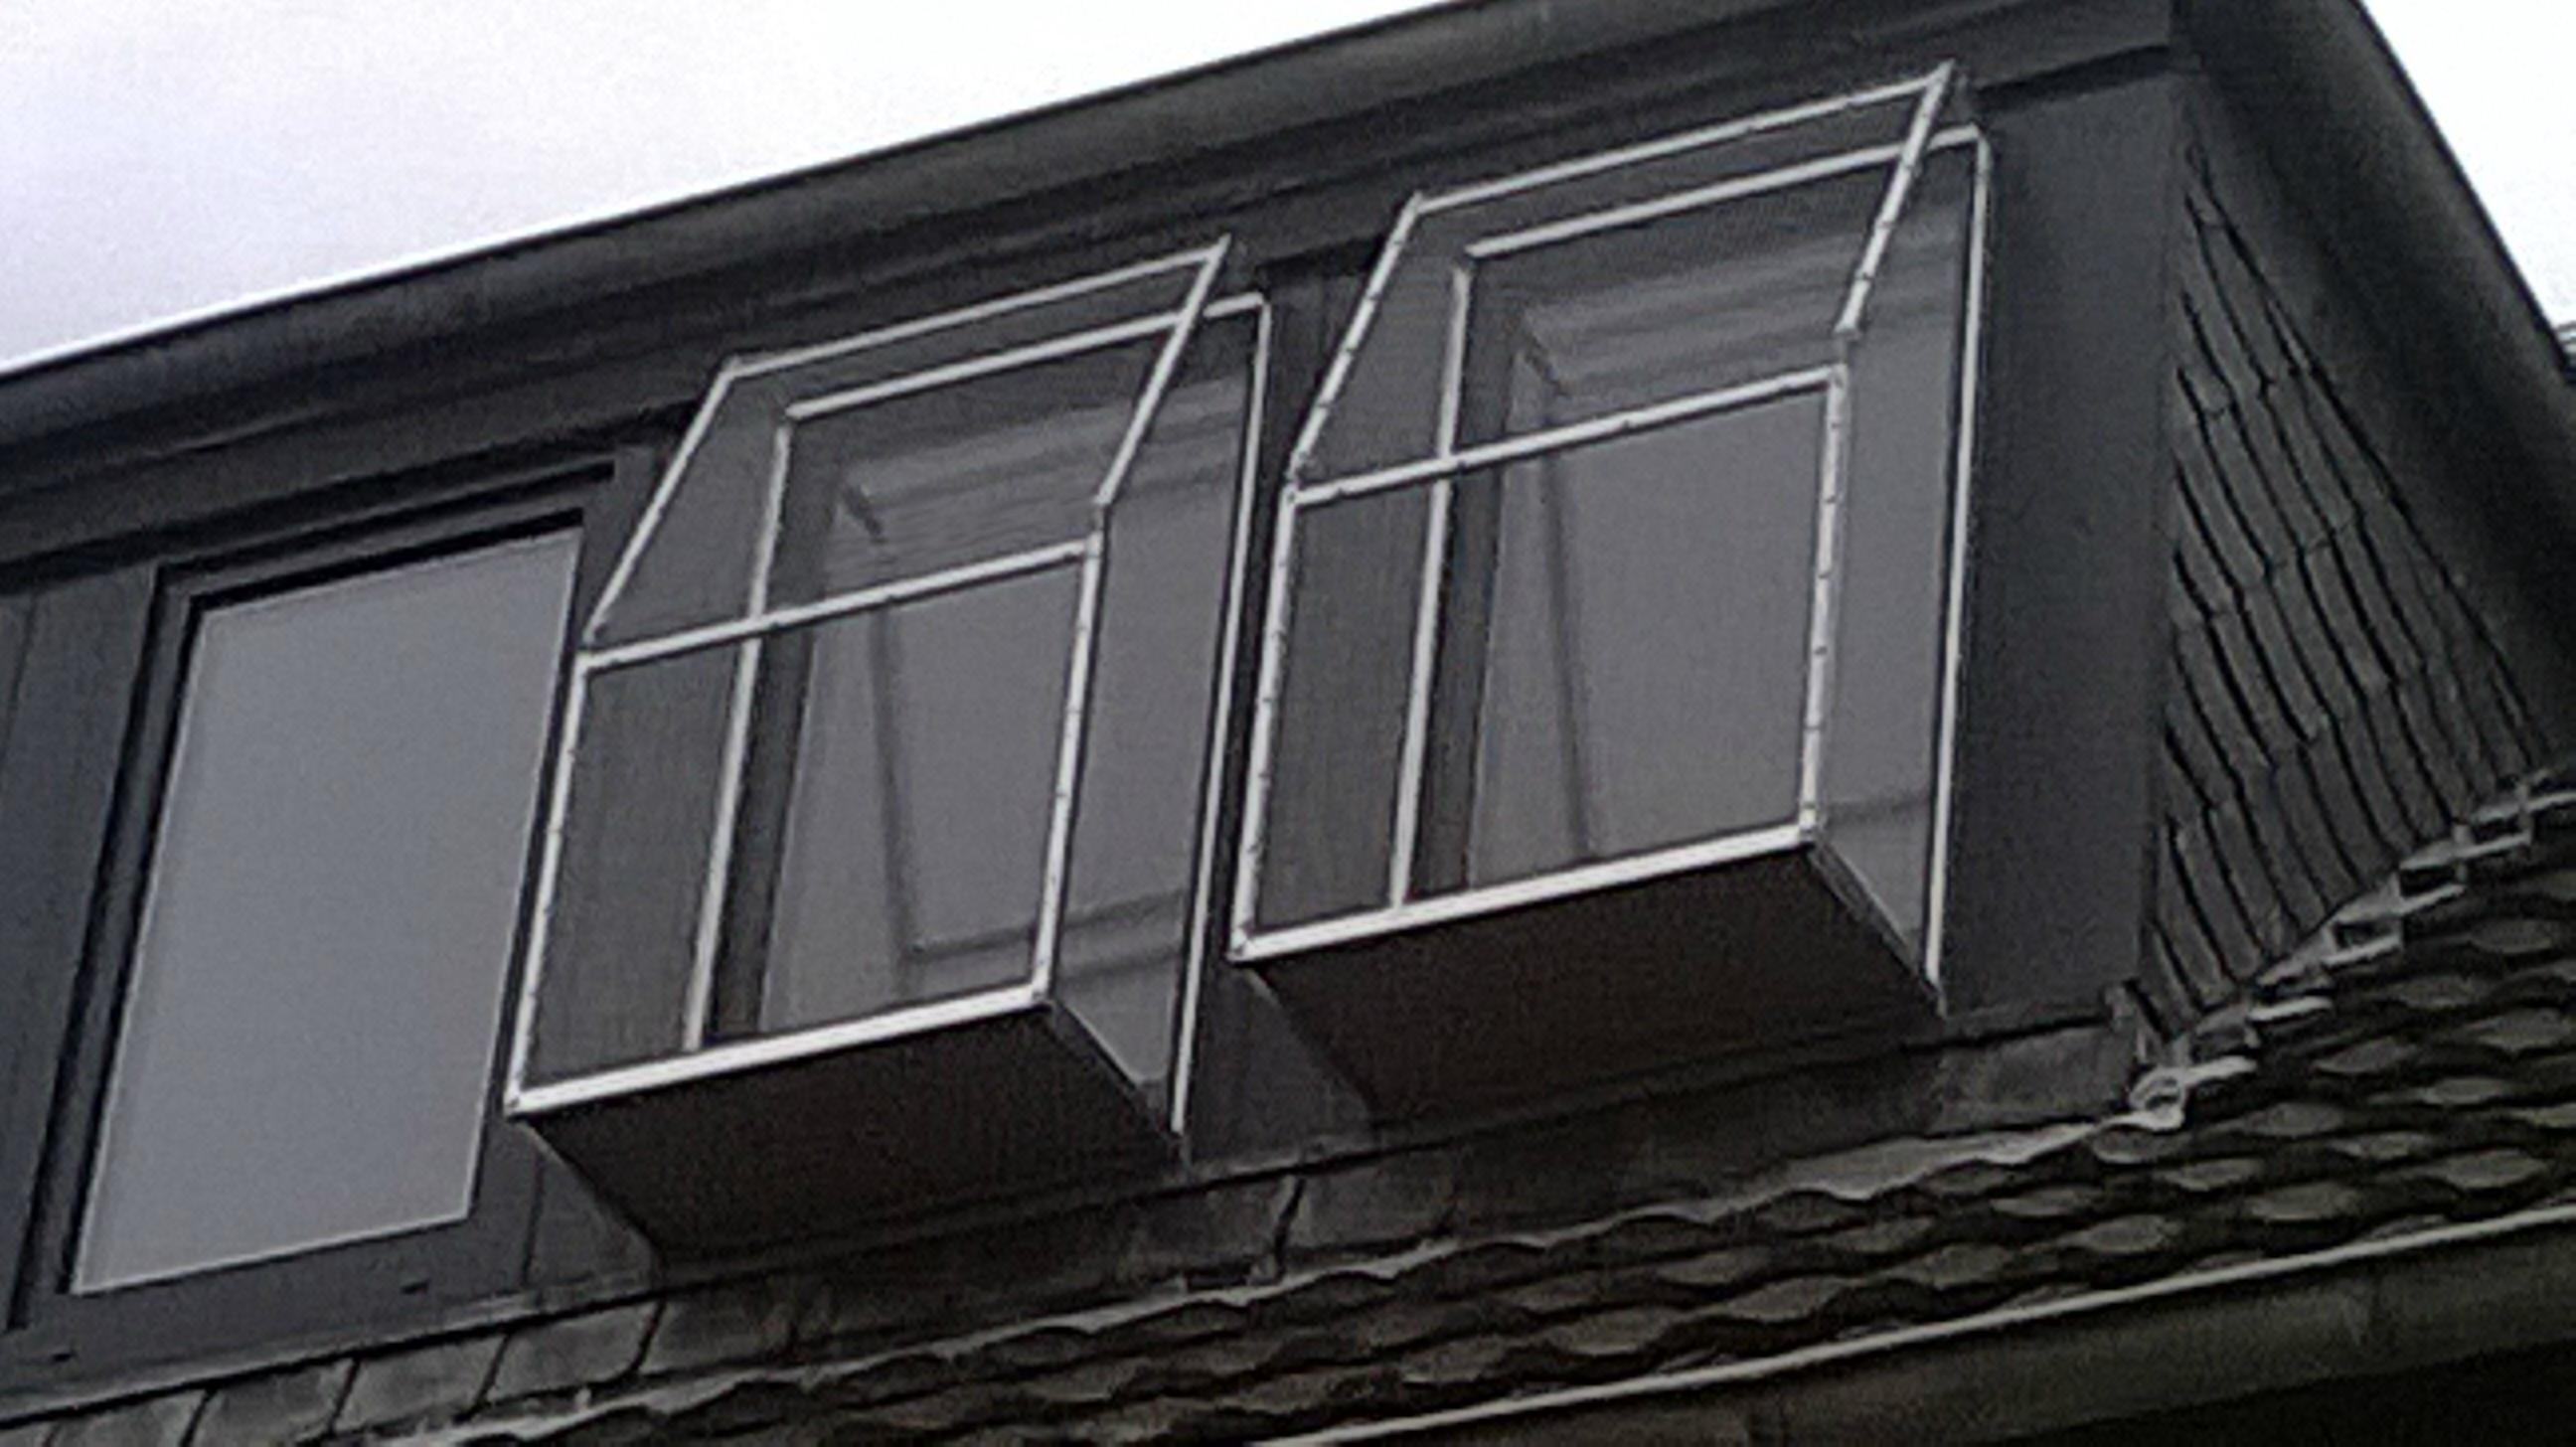 Balkon ohne bohren trendy sichtschutz balkon seitlich Markise seitlich befestigen